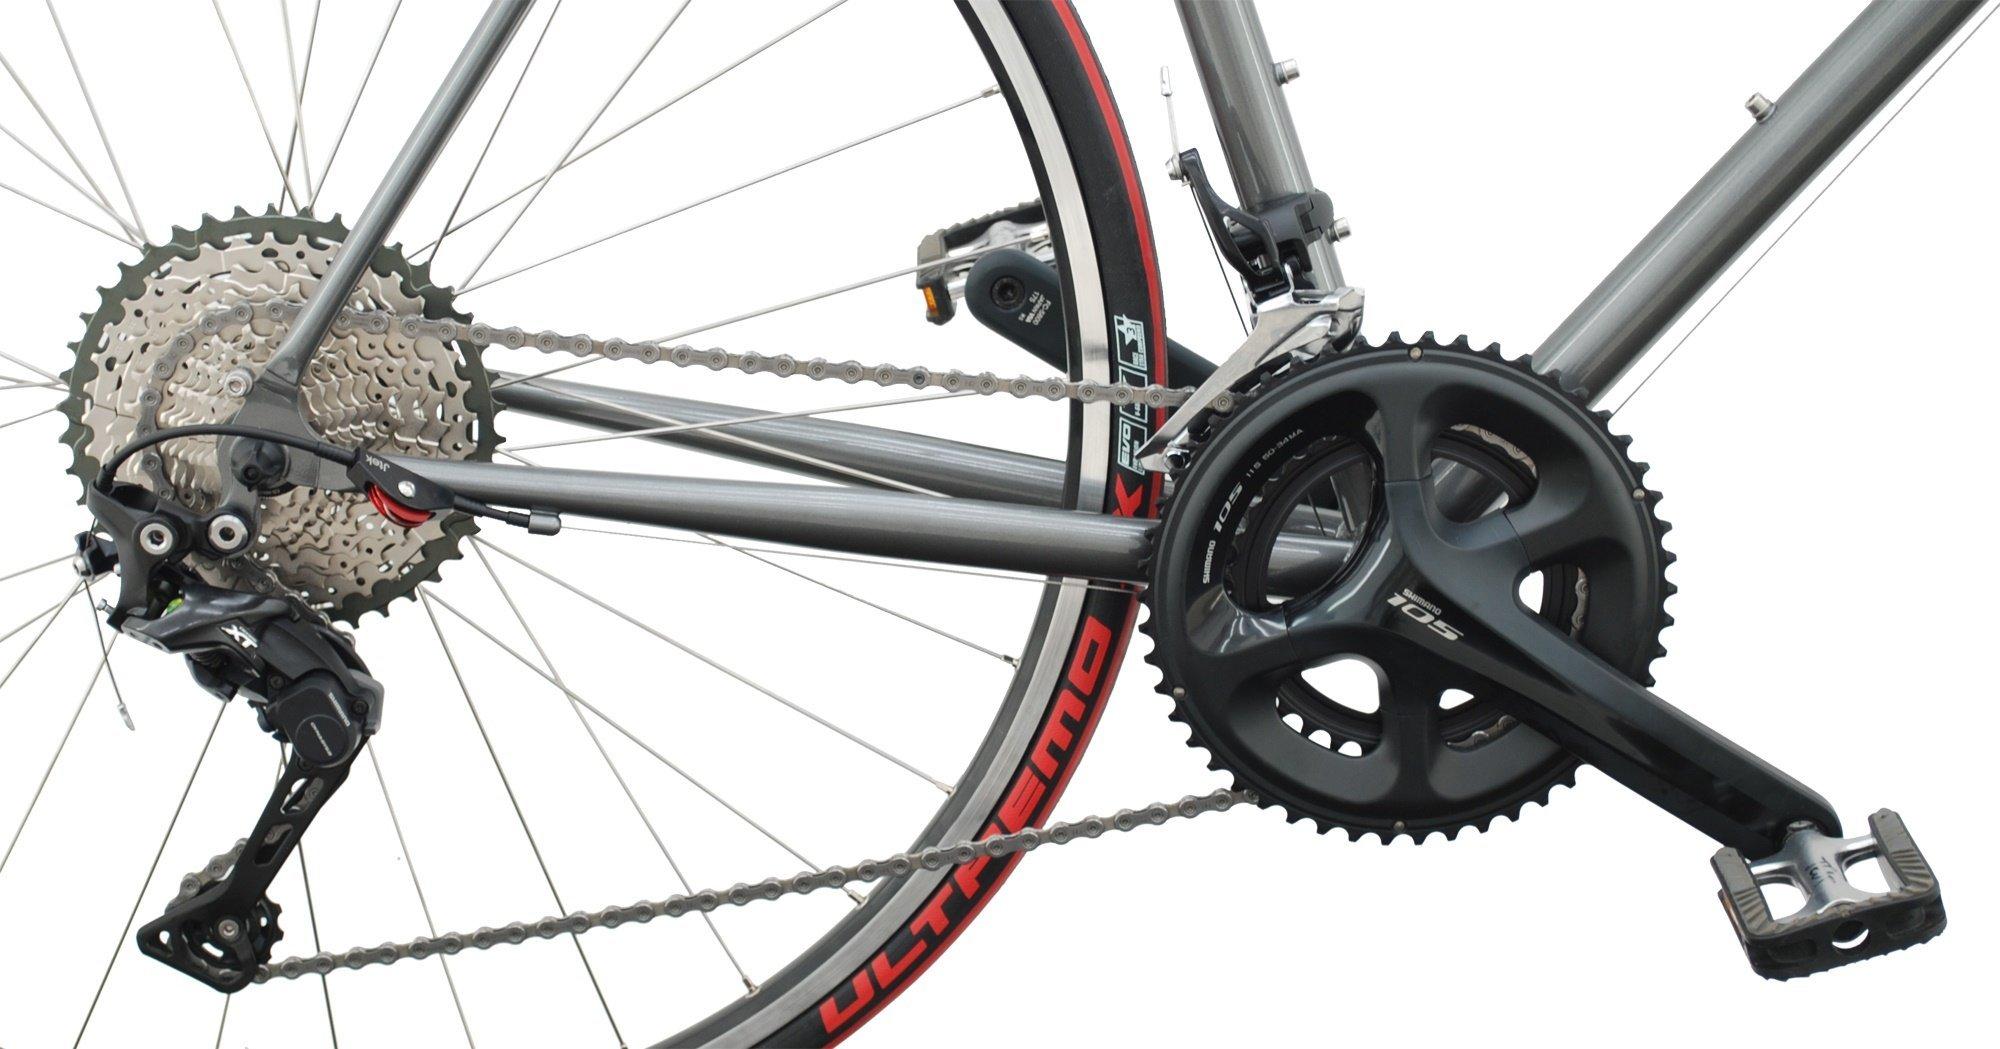 Image result for bike transmission upgrade